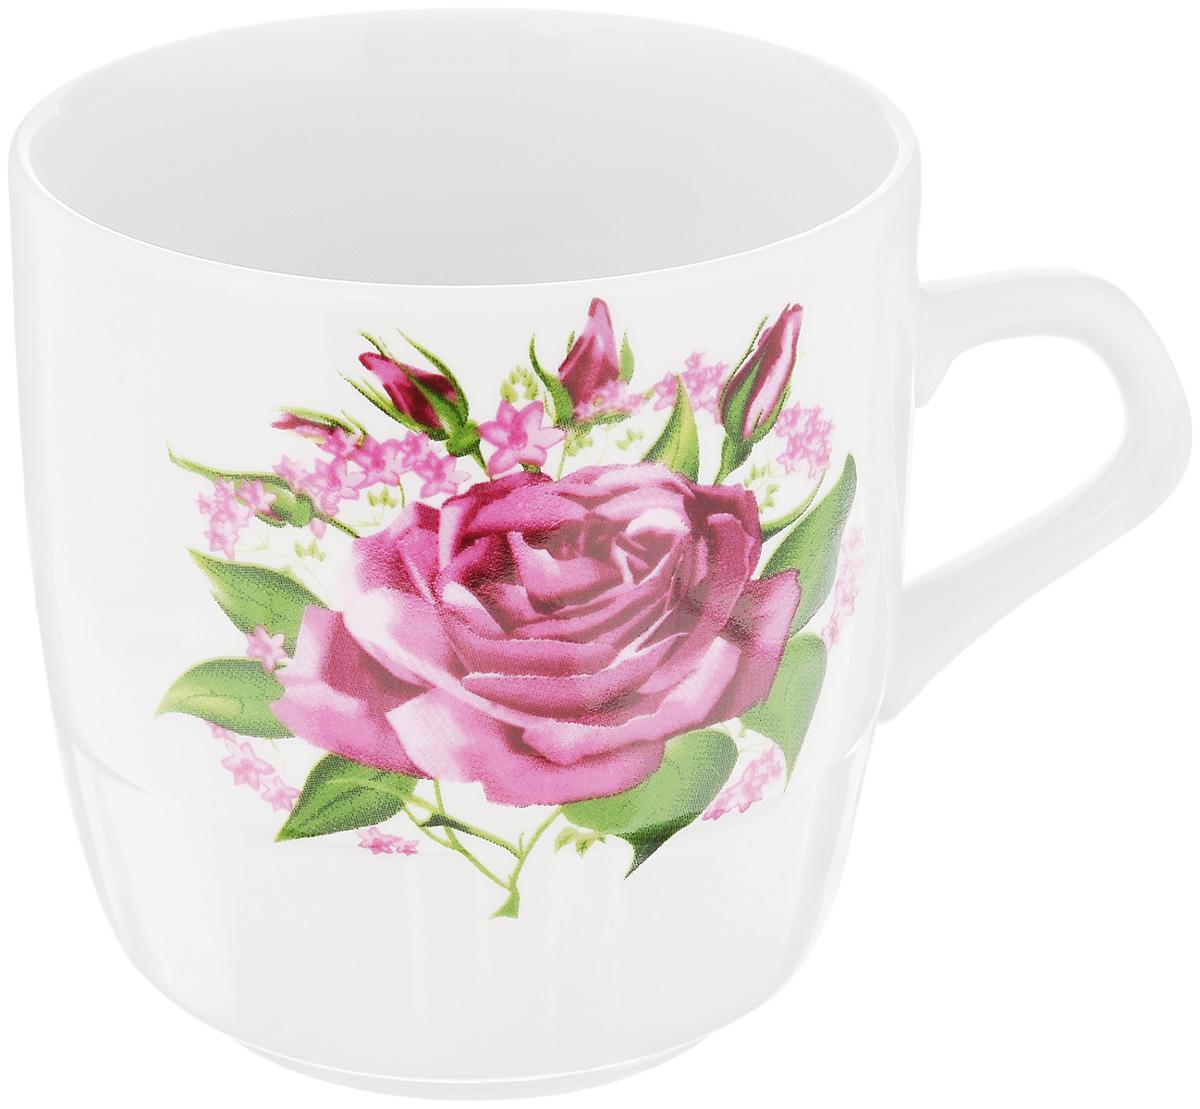 Кружка Фарфор Вербилок Розовые бутоны, 250 мл39085050Кружка Фарфор Вербилок Розовые бутоны способна скрасить любое чаепитие. Изделие выполнено из высококачественного фарфора. Посуда из такого материала позволяет сохранить истинный вкус напитка, а также помогает ему дольше оставаться теплым.Диаметр по верхнему краю: 8 см.Высота кружки: 8,5 см.